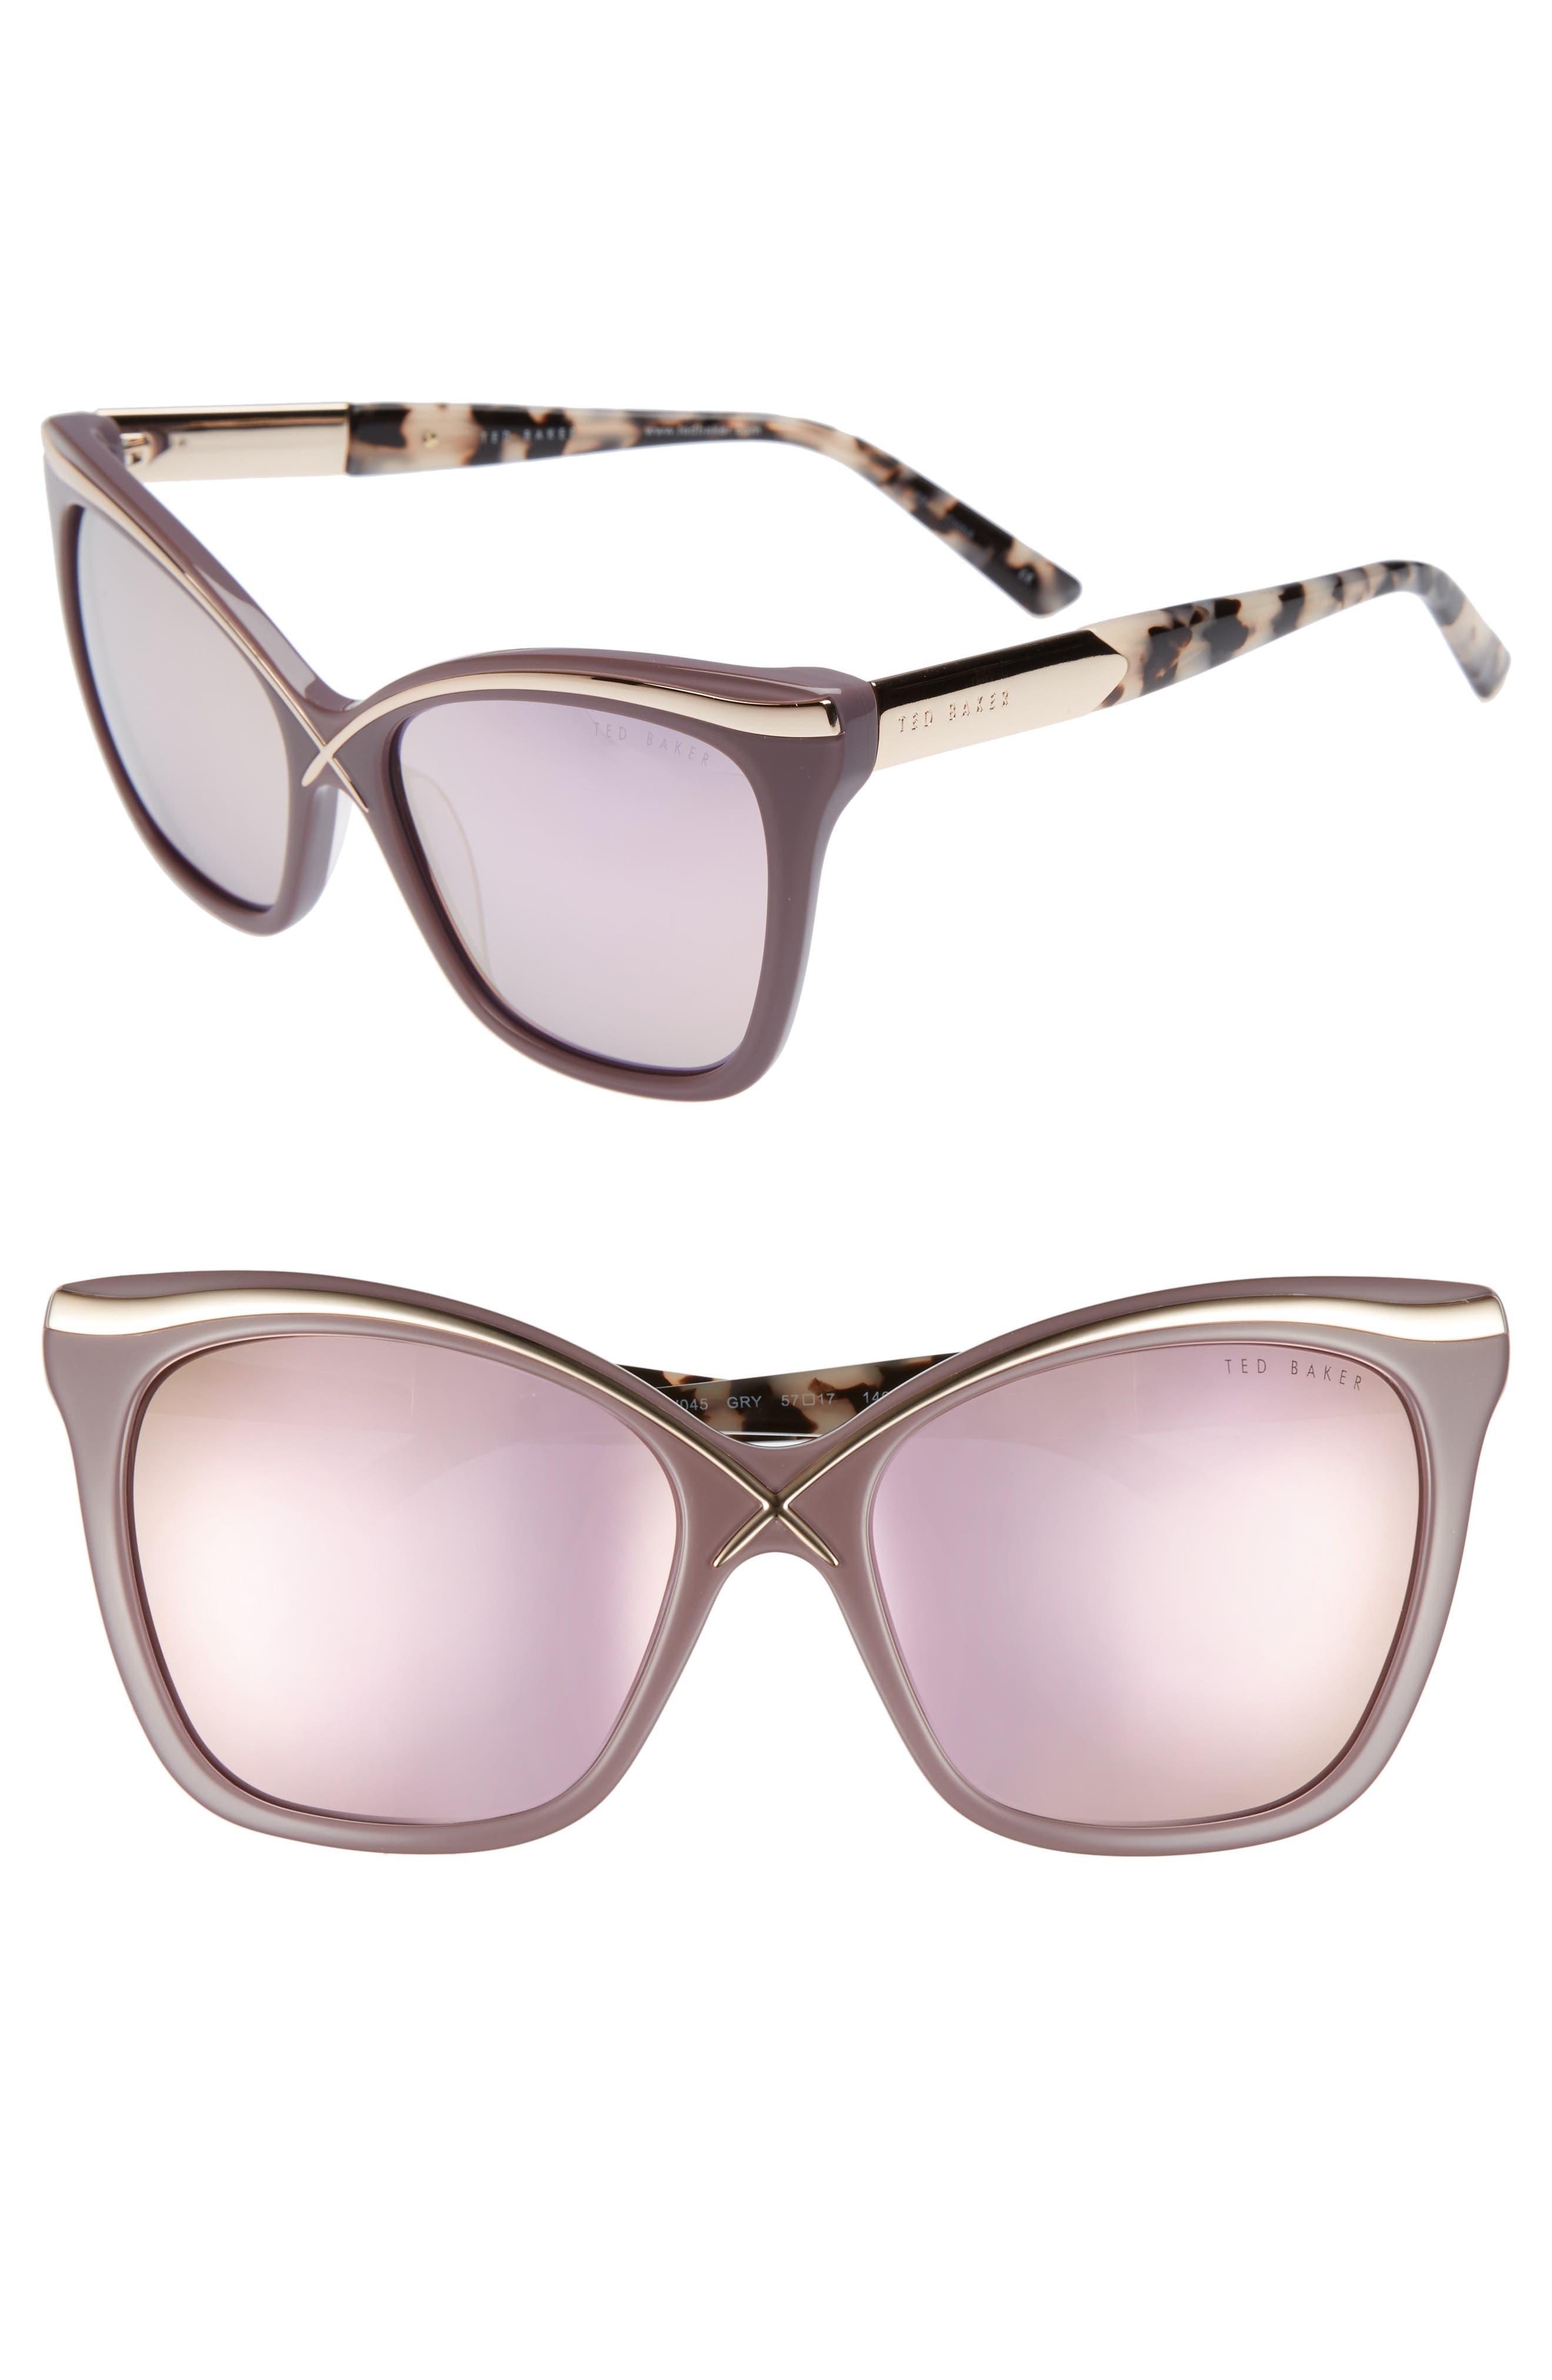 57mm Square Cat Eye Sunglasses,                             Main thumbnail 2, color,